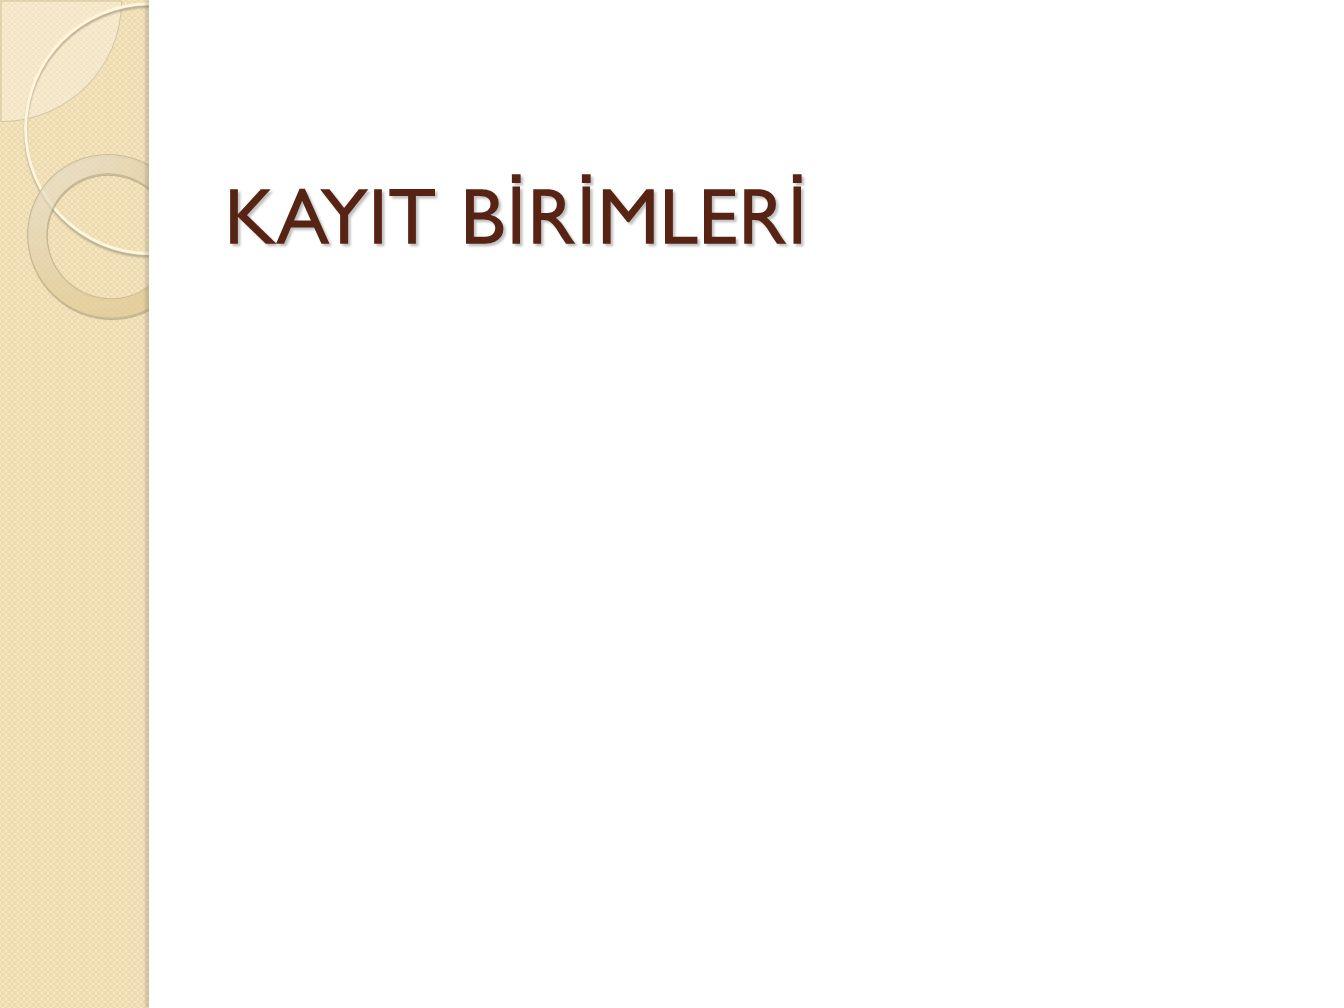 KAYIT BİRİMLERİ